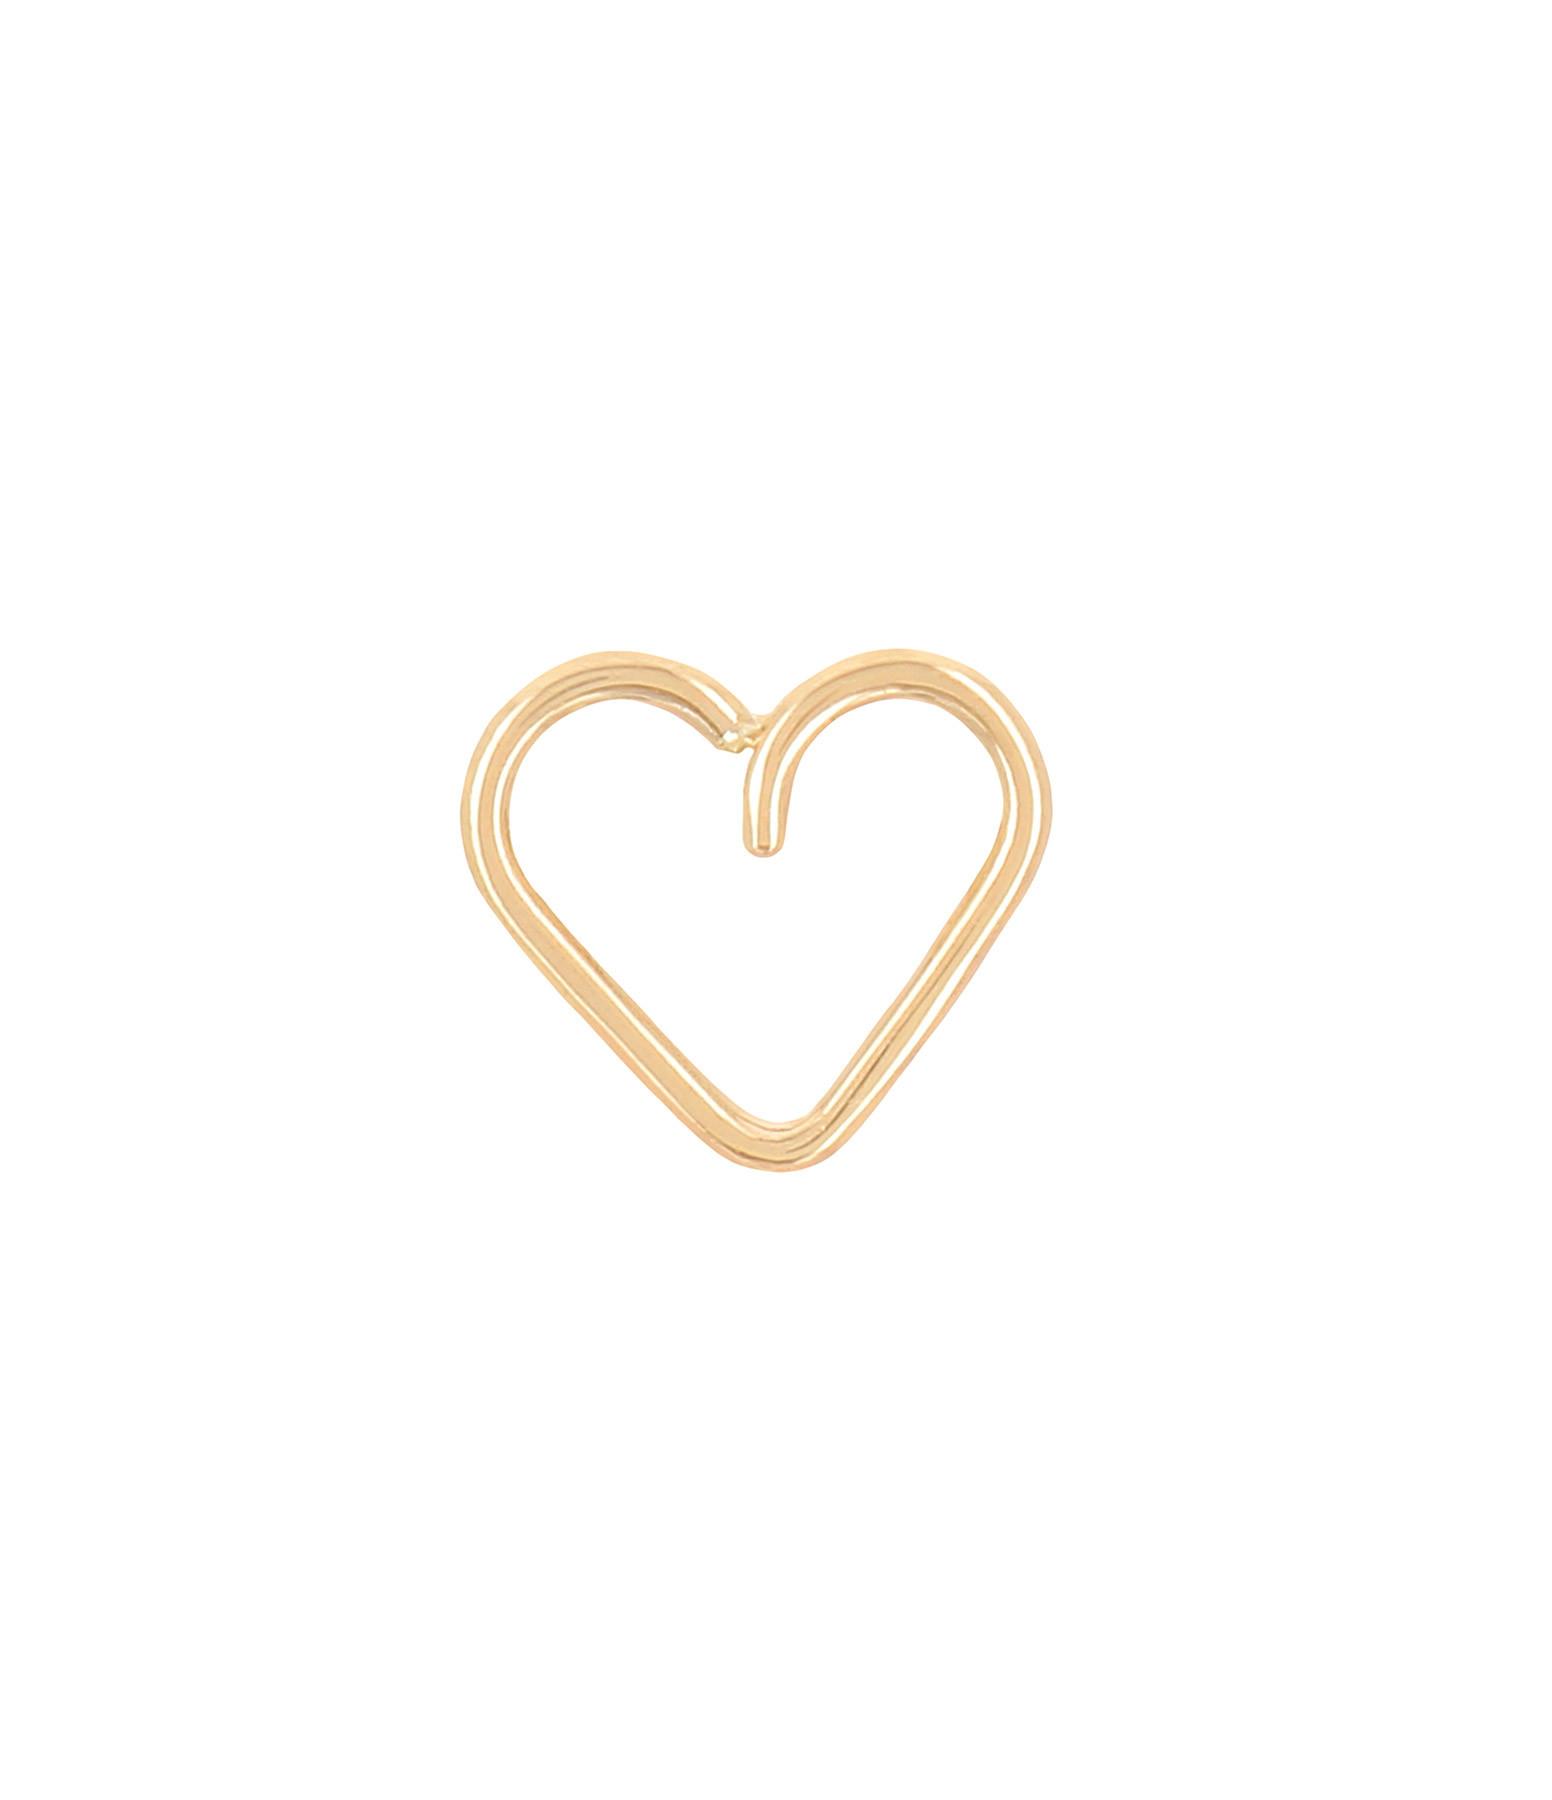 ATELIER PAULIN - Bijou d'oreille Cœur Gold Filled 14K Jaune, Collection Toi x Moi (vendue à l'unité)